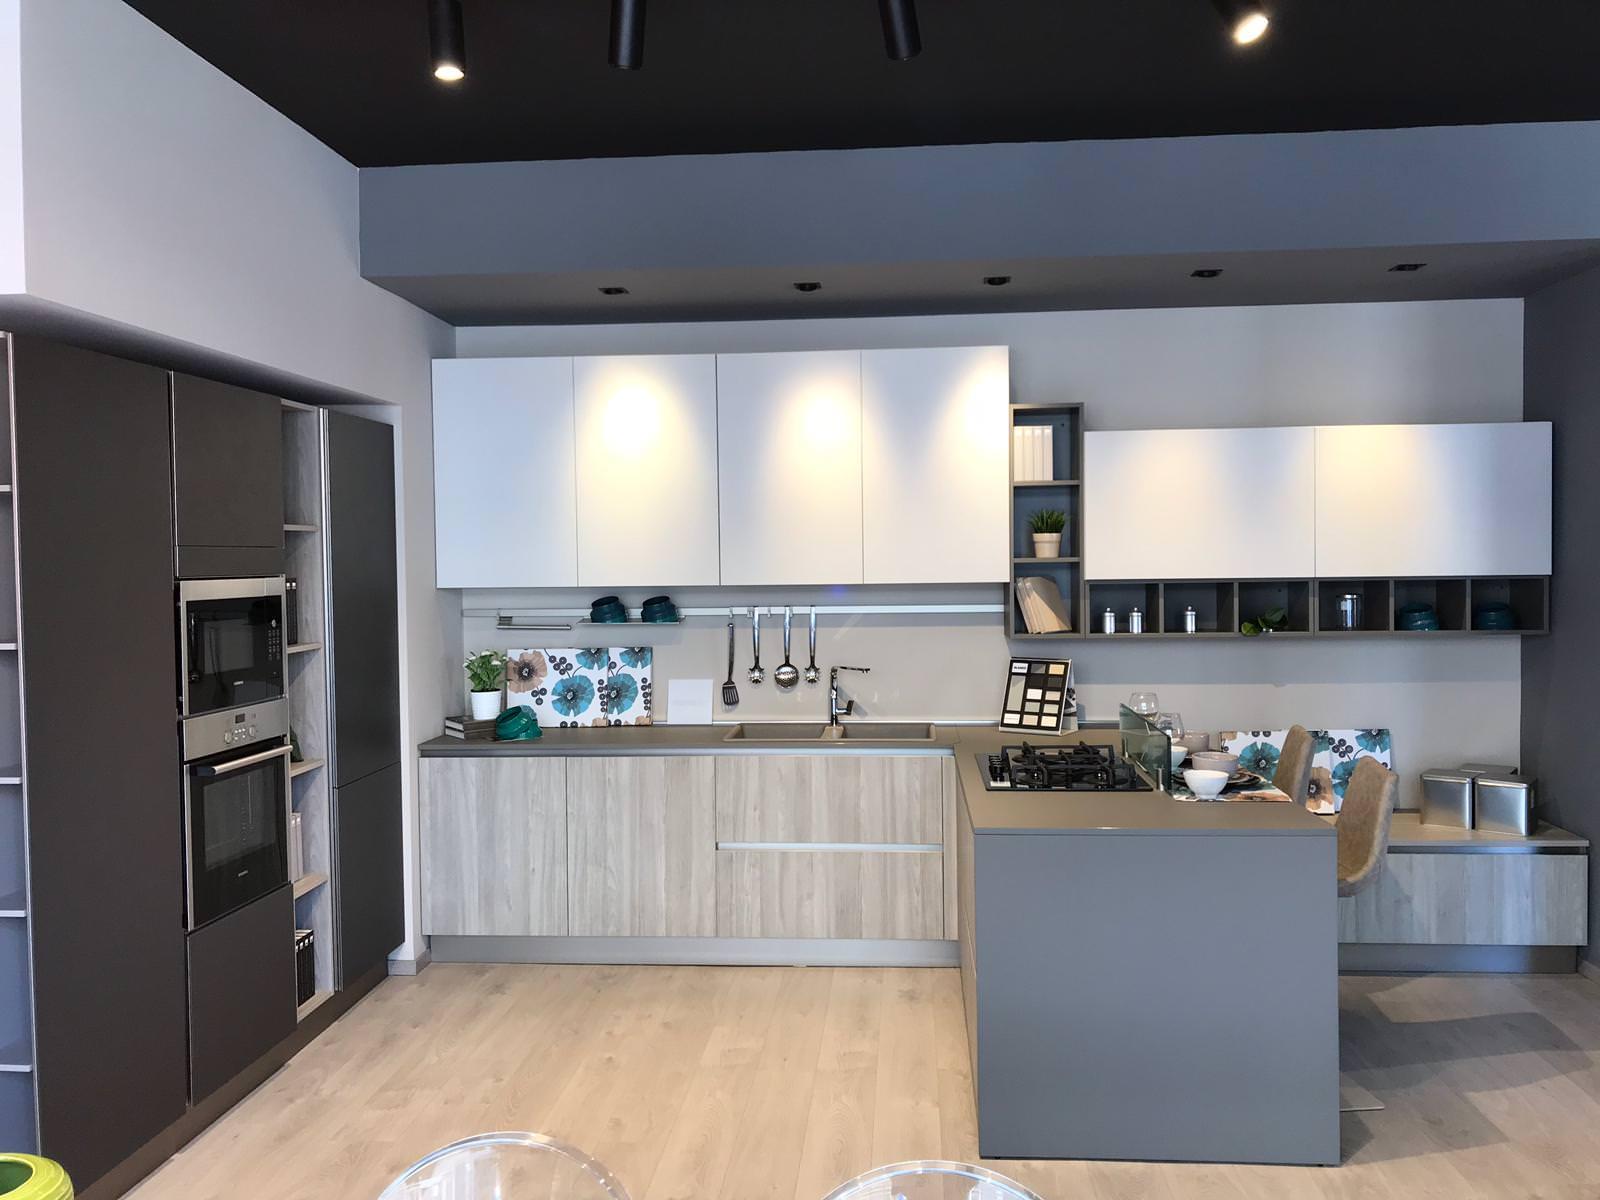 Ricambi Cucine Lube Napoli cucina lube mod. 'immagina', completa di elettrodomestici